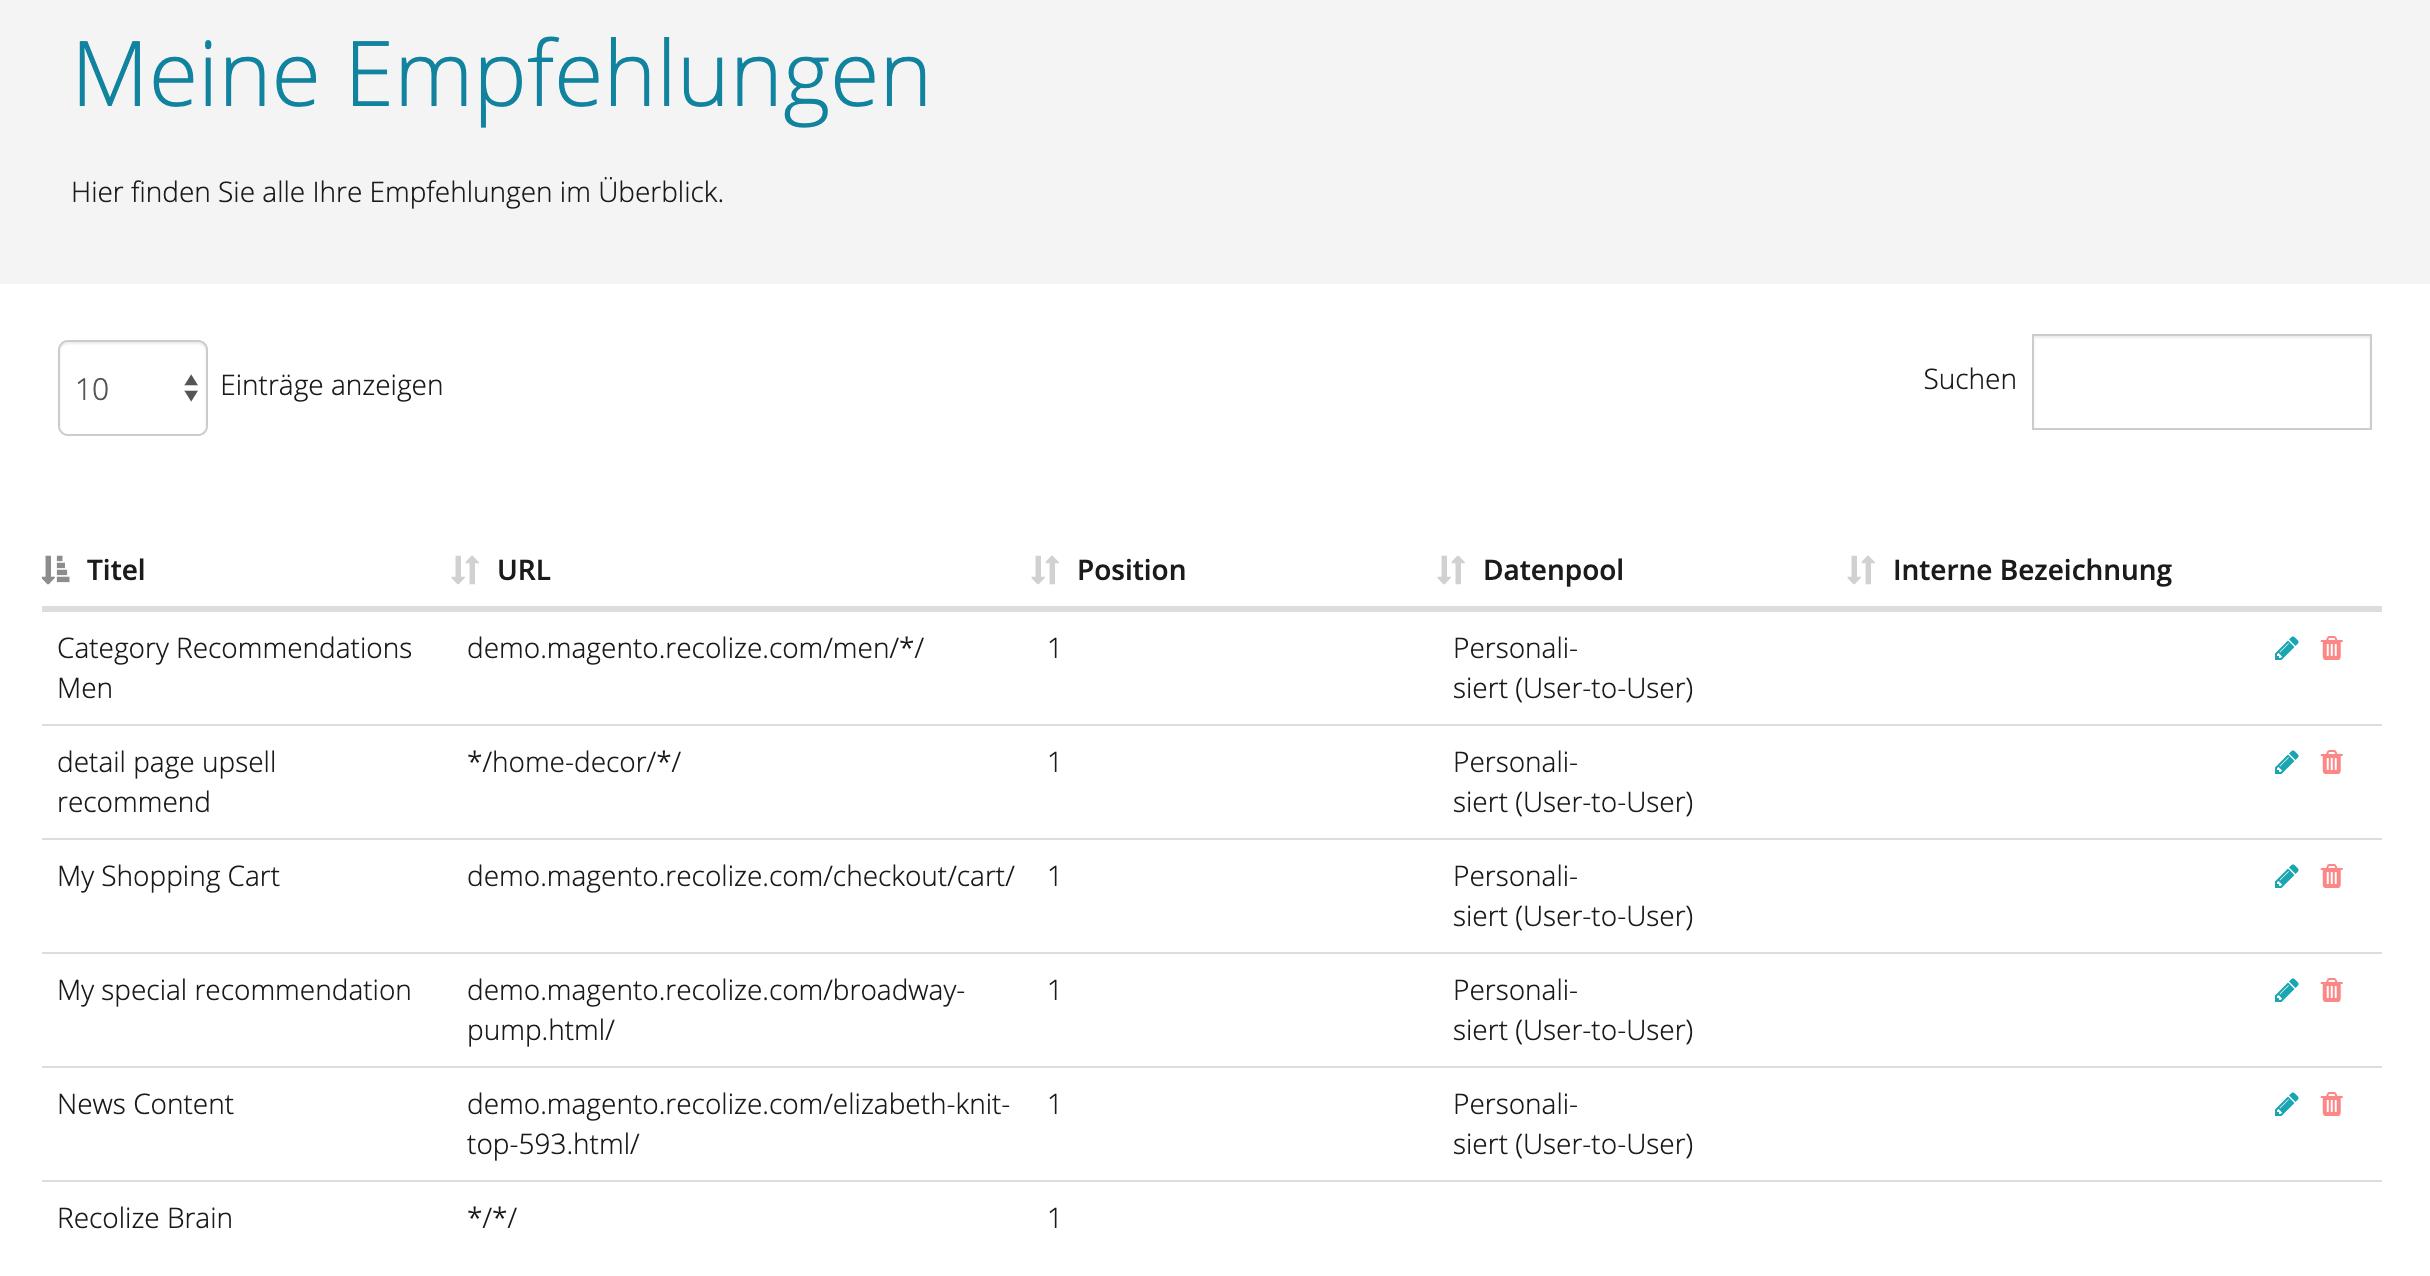 5.3.0: Konfiguration einfacher gemacht